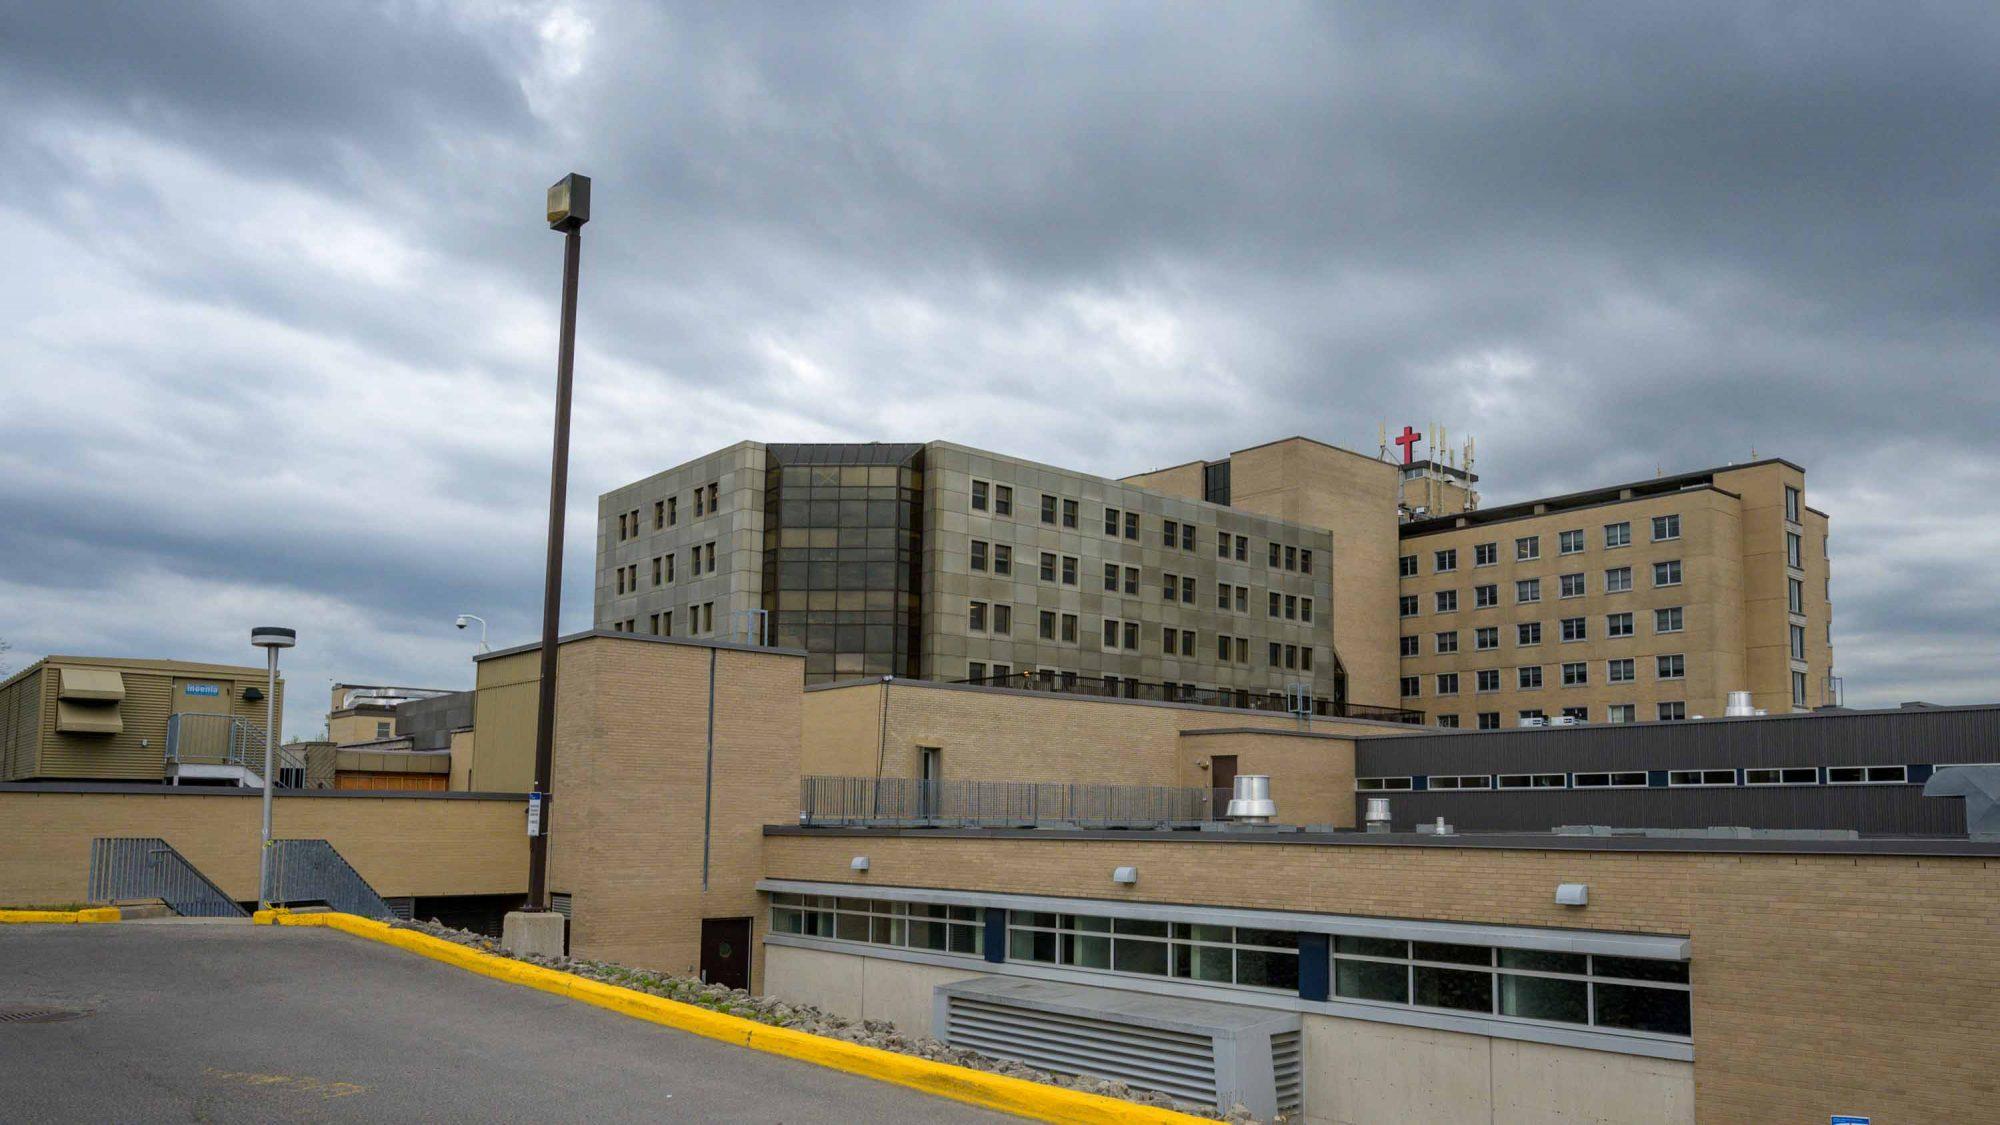 L\'hôpital de Saint-Jérôme enfin adéquat d\'ici 10 ans - TopoLocal